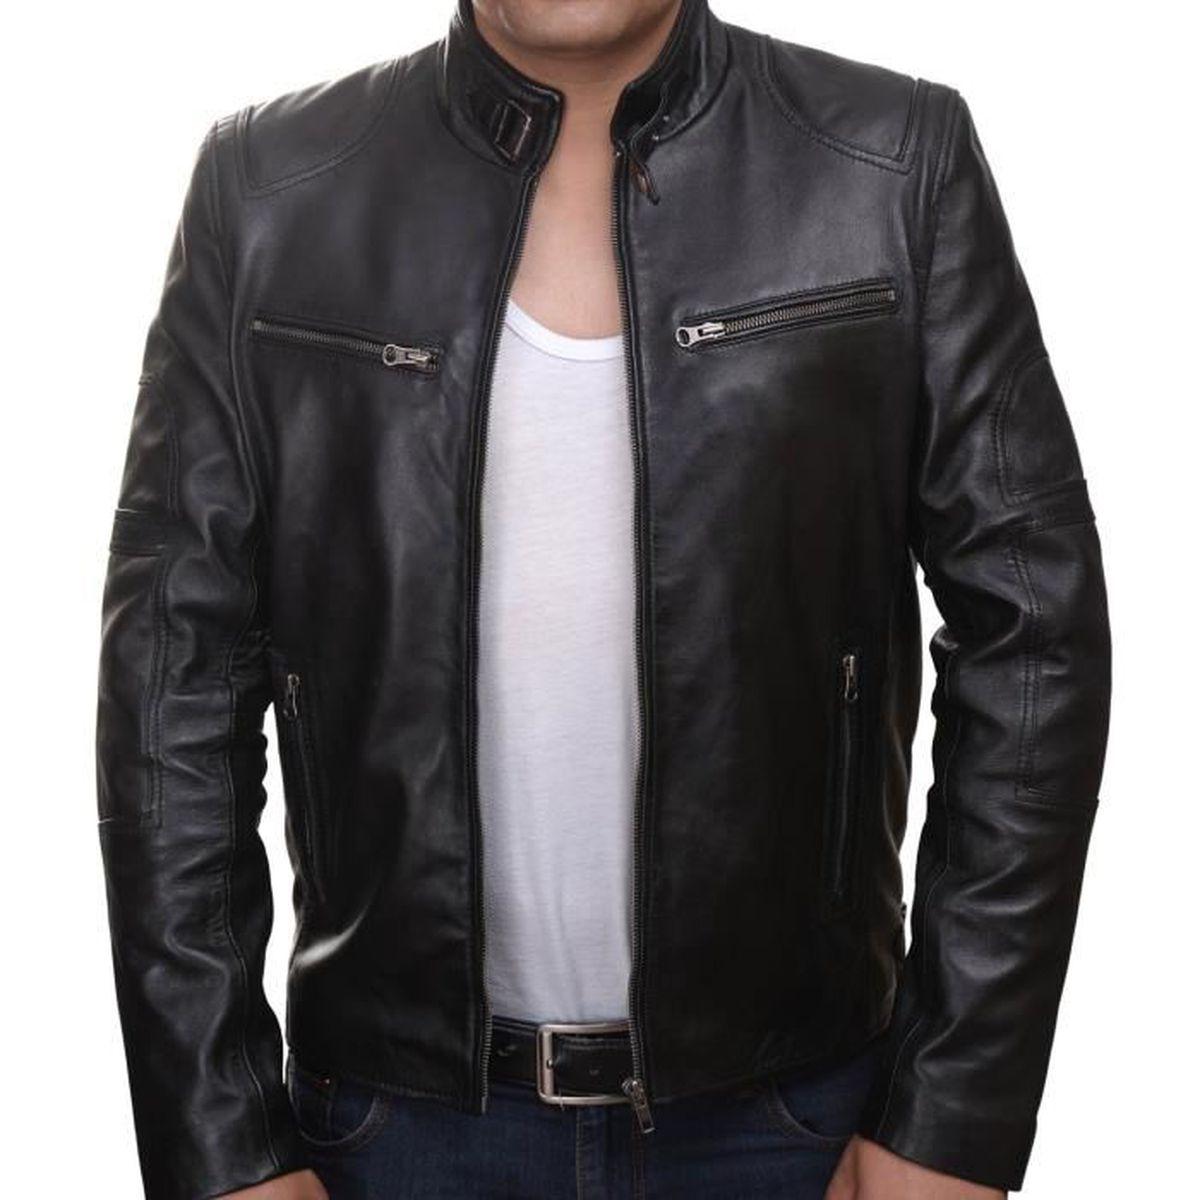 81a166157c8 Veste cuir veritable homme - Achat   Vente pas cher